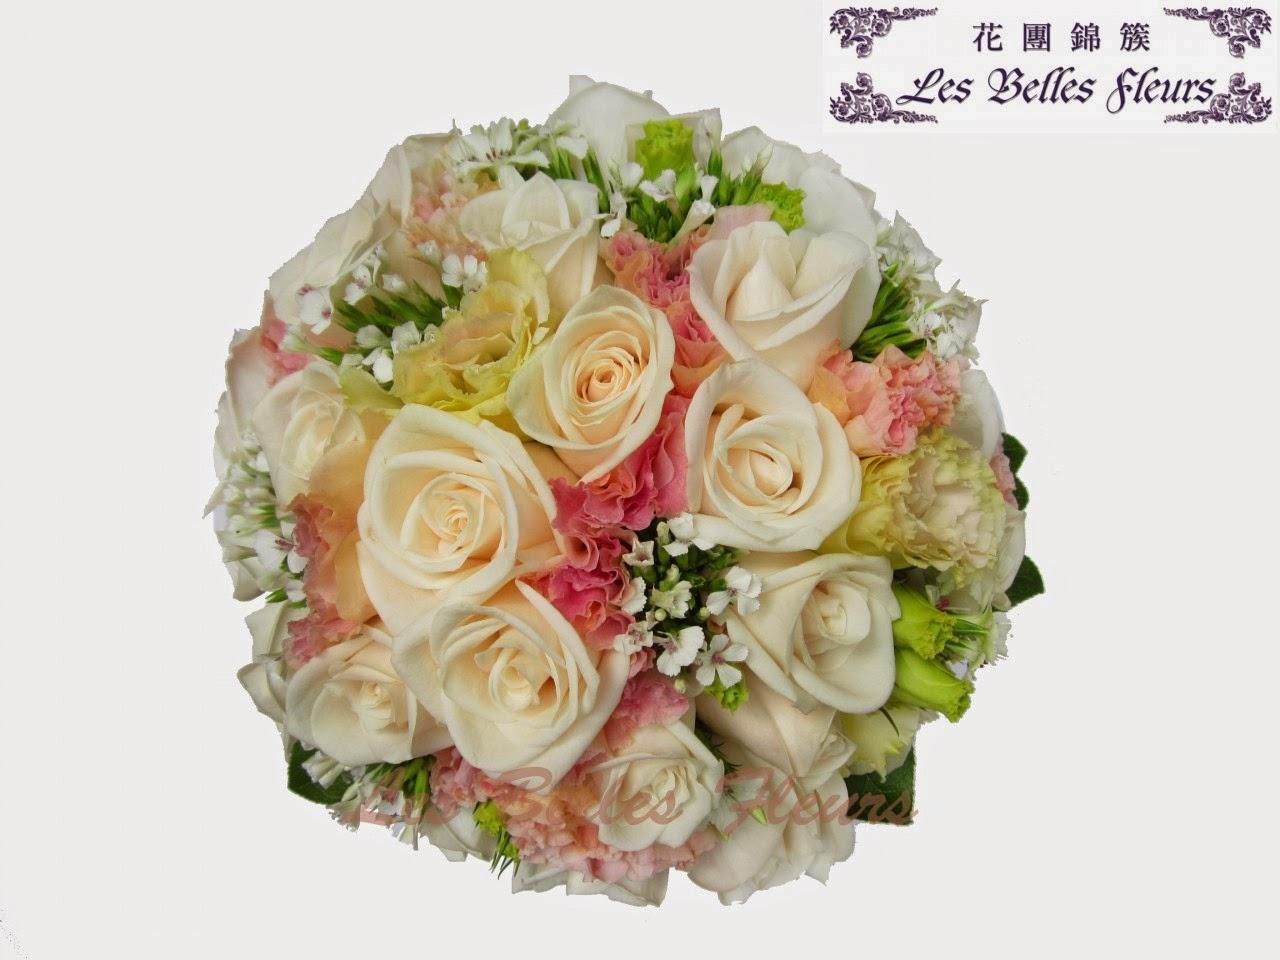 玫瑰花球是他們最多的產品之一